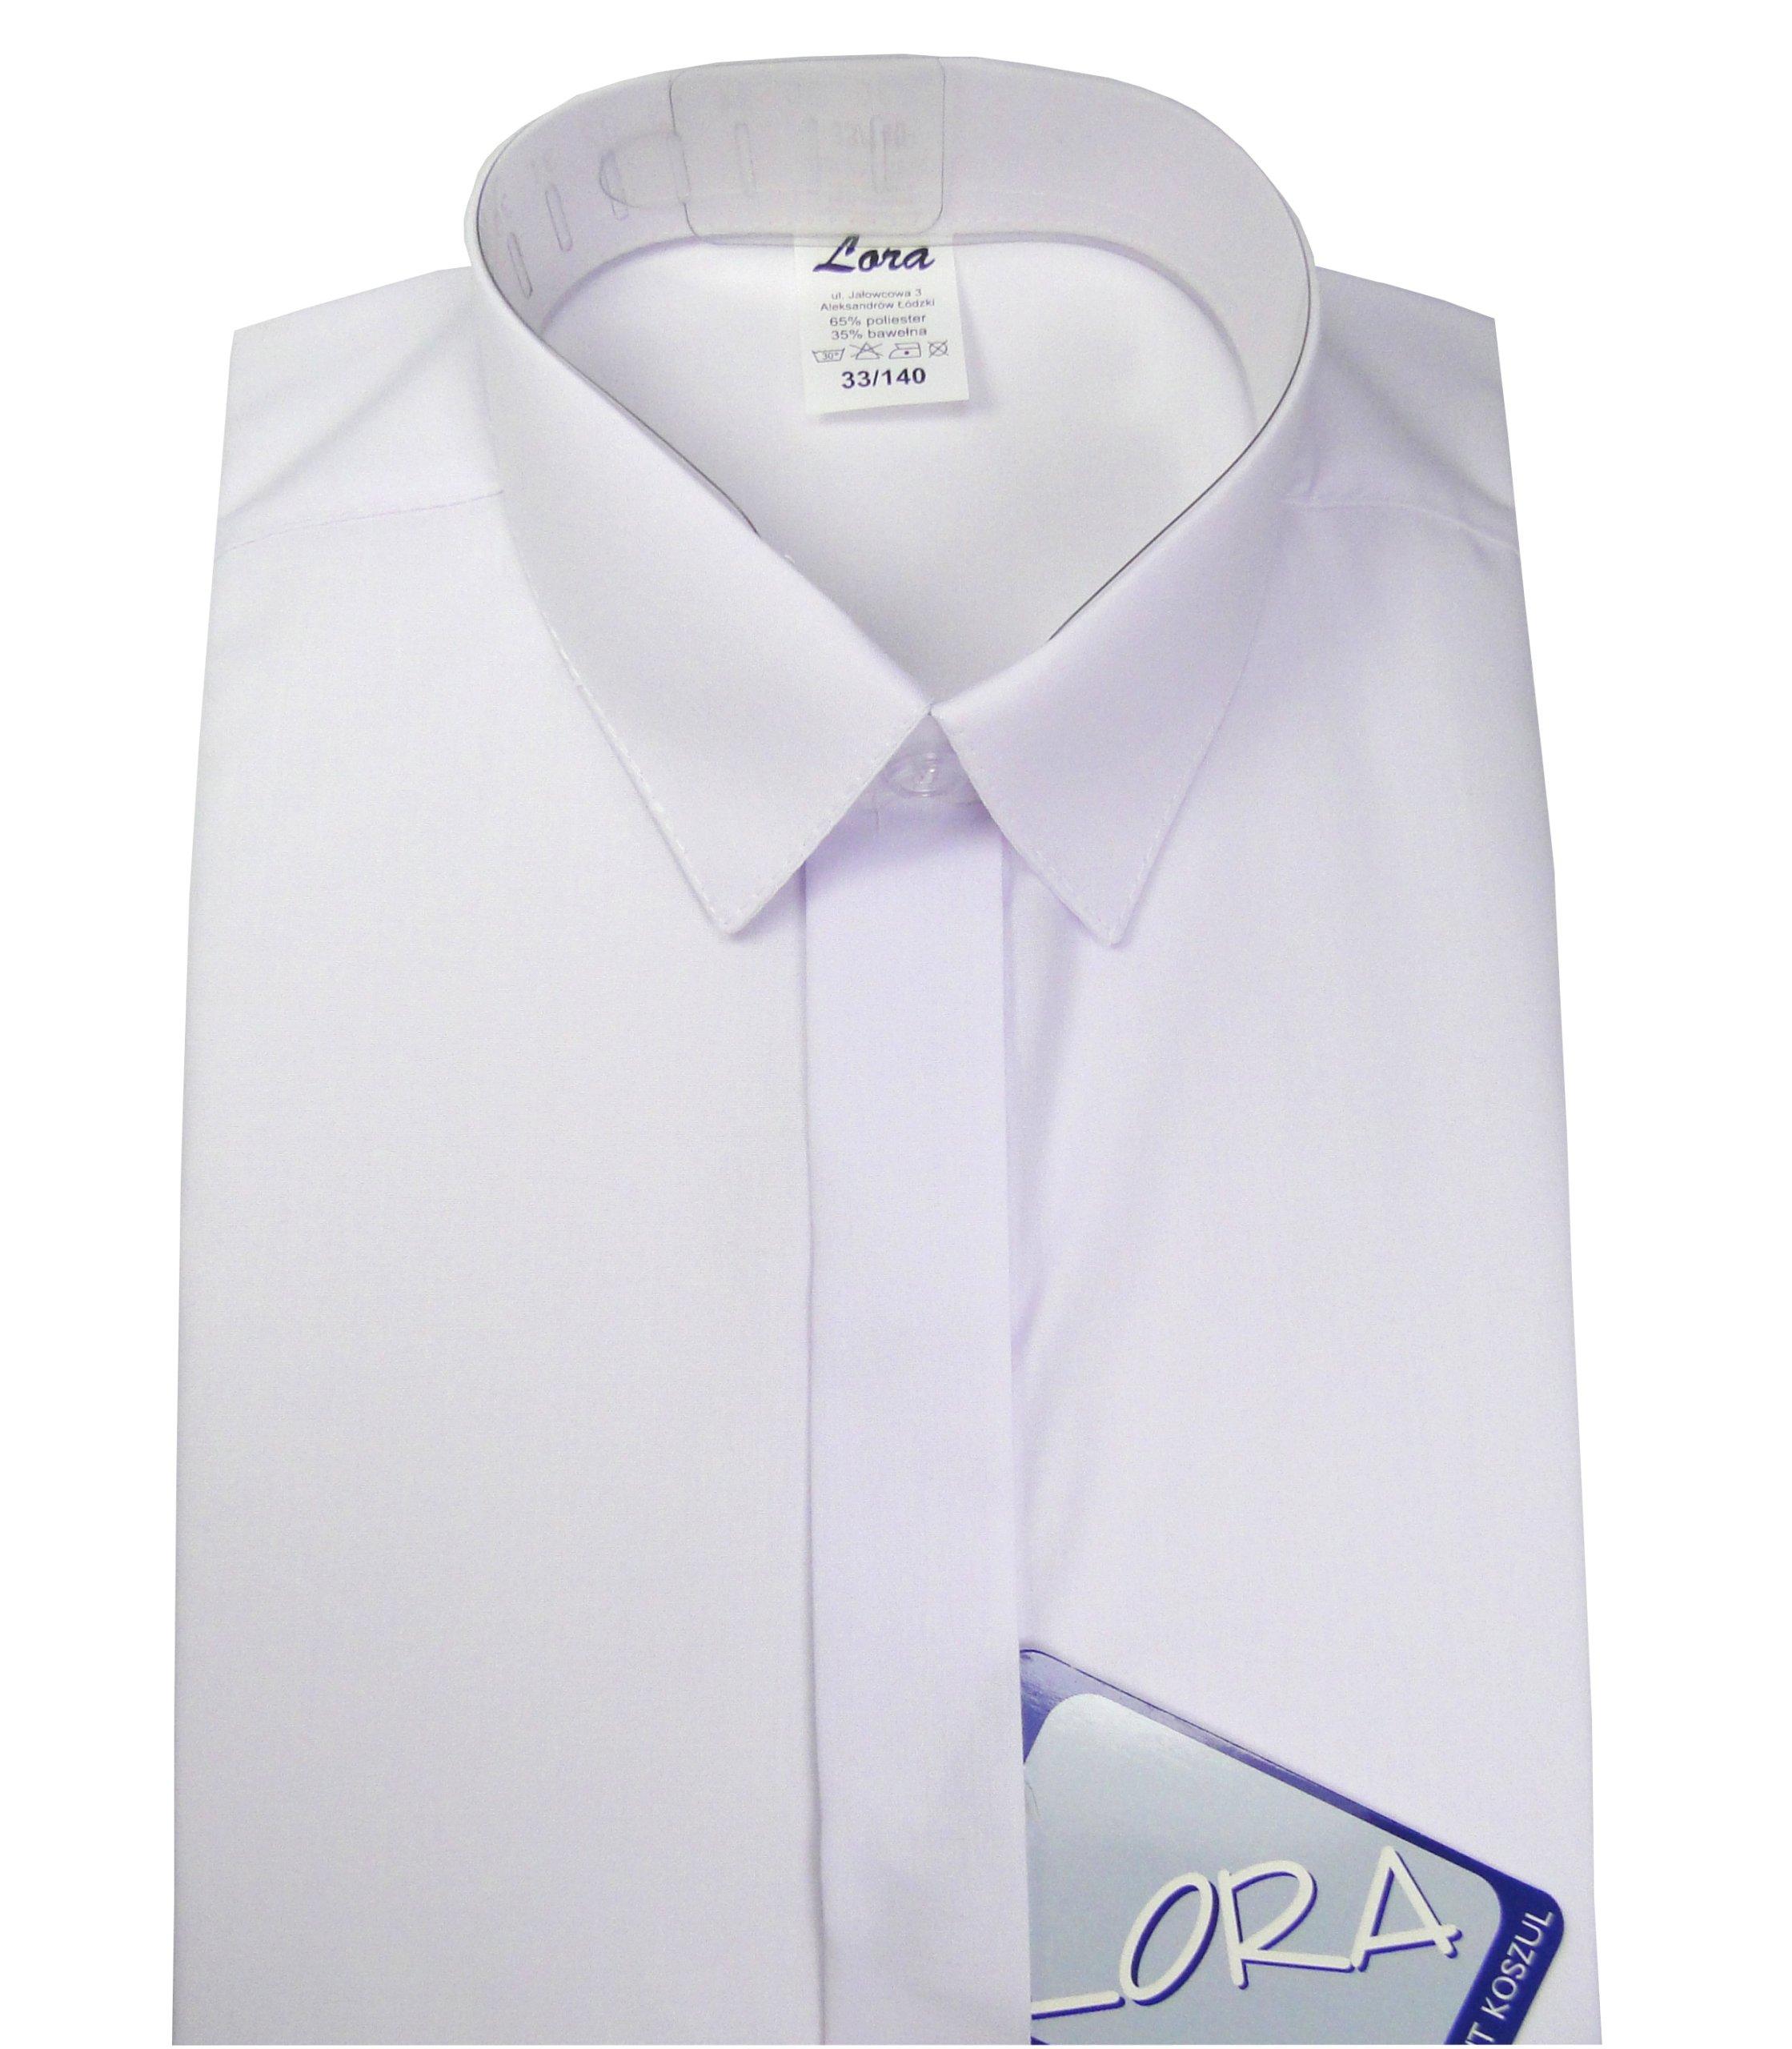 Koszula chłopięca wizytowa biała długi rękaw 146 7051824322